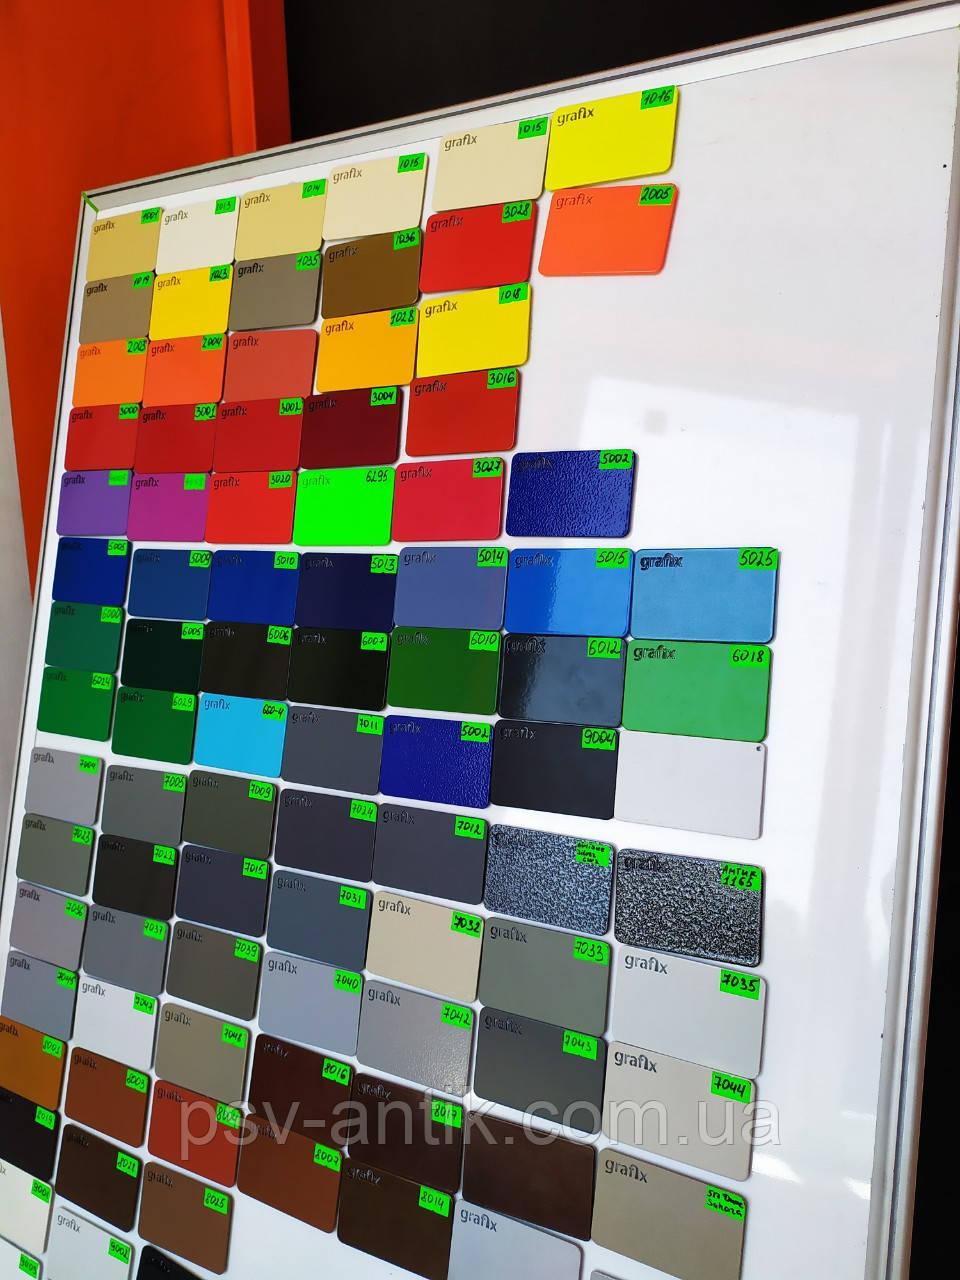 Порошковая краска полу-глянцевая, полиэфирная, архитектурная, 7042